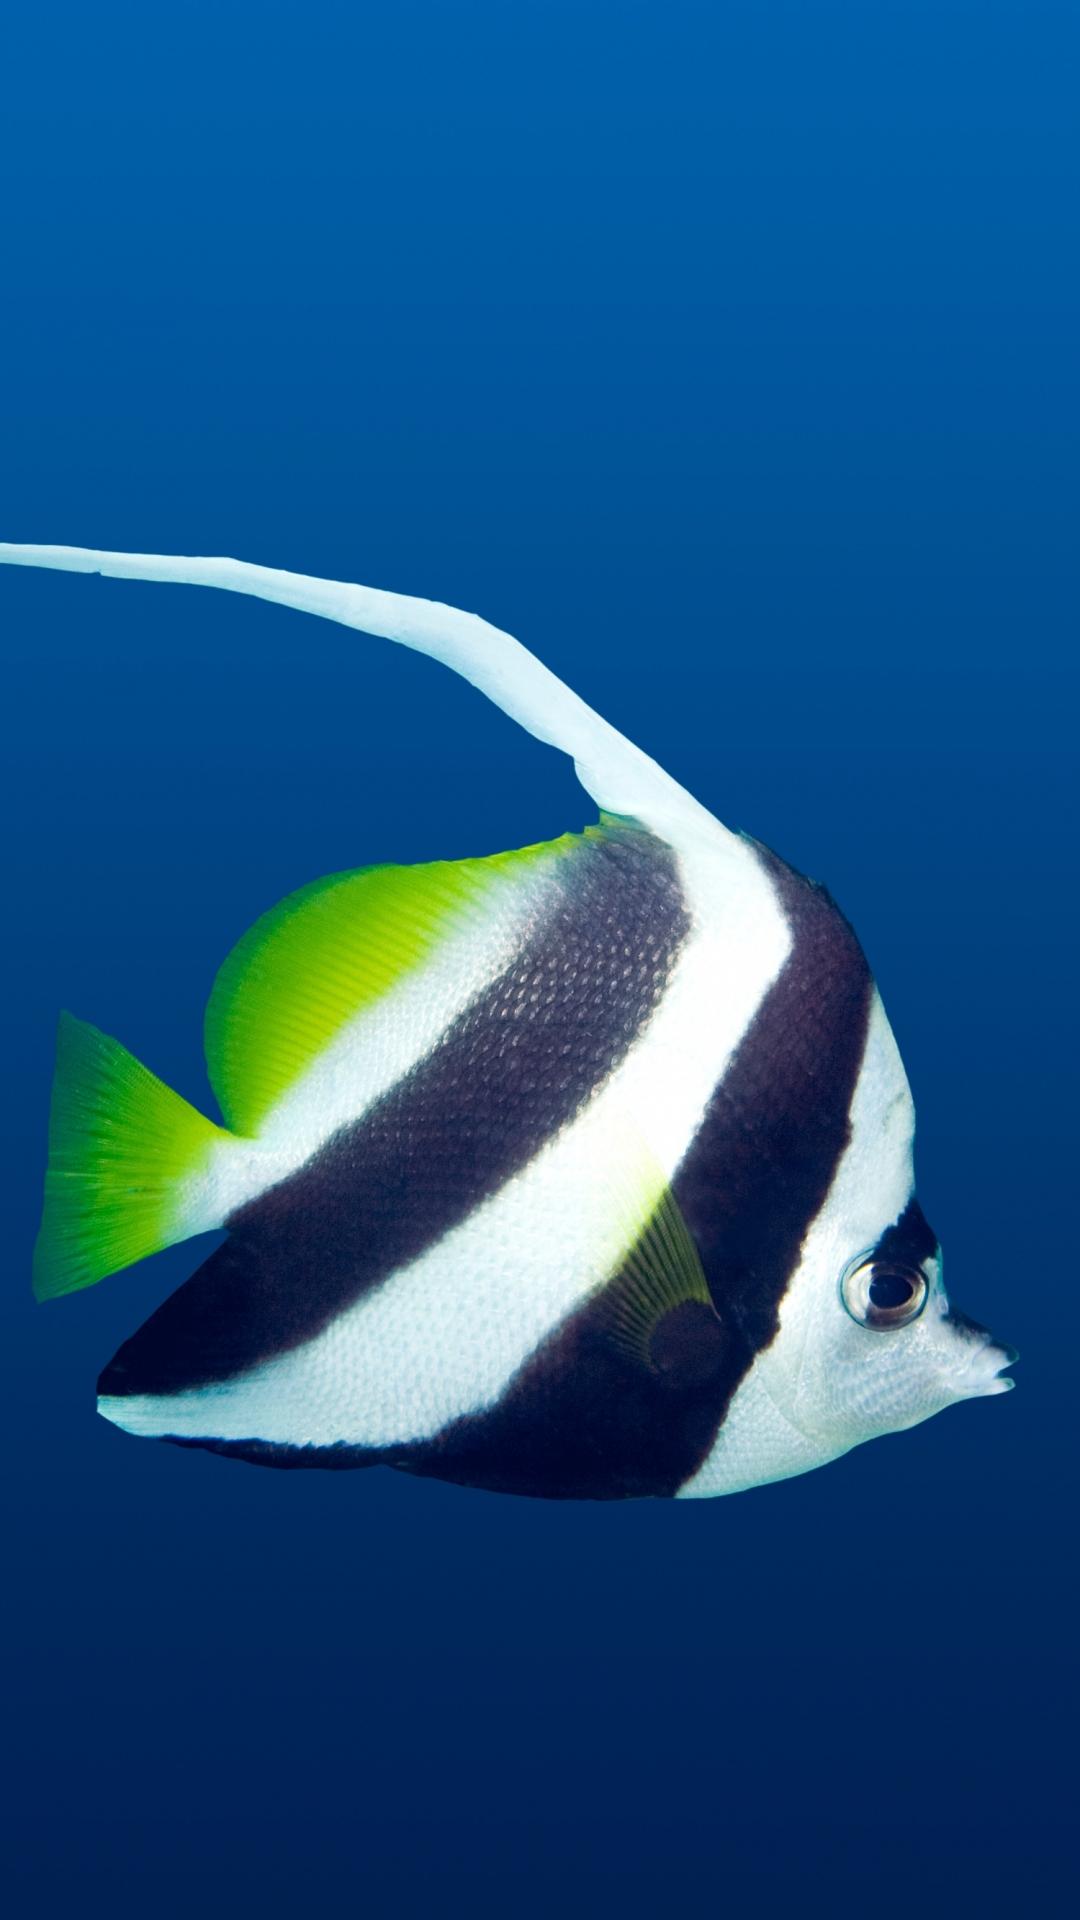 Wonderful Wallpaper Mobile Fish - 594986  Graphic_42398.jpg